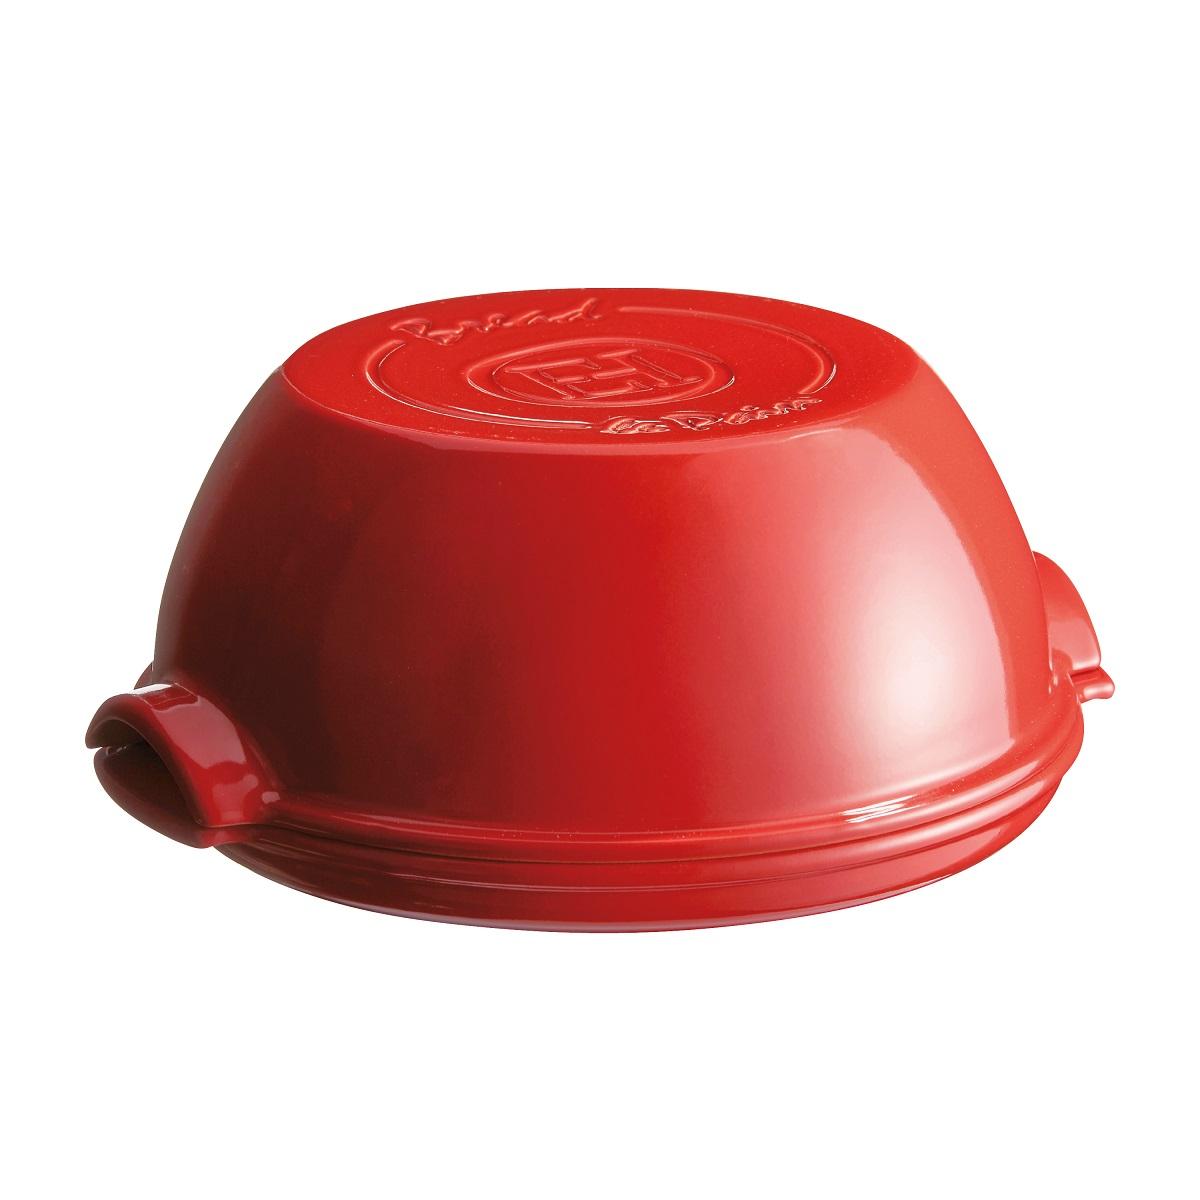 Онлайн каталог PROMENU: Форма для выпечки хлеба круглая с крышкой Emile Henry SPECIALIZED COOKING, керамика, 32,5x29,5x14 см, красный